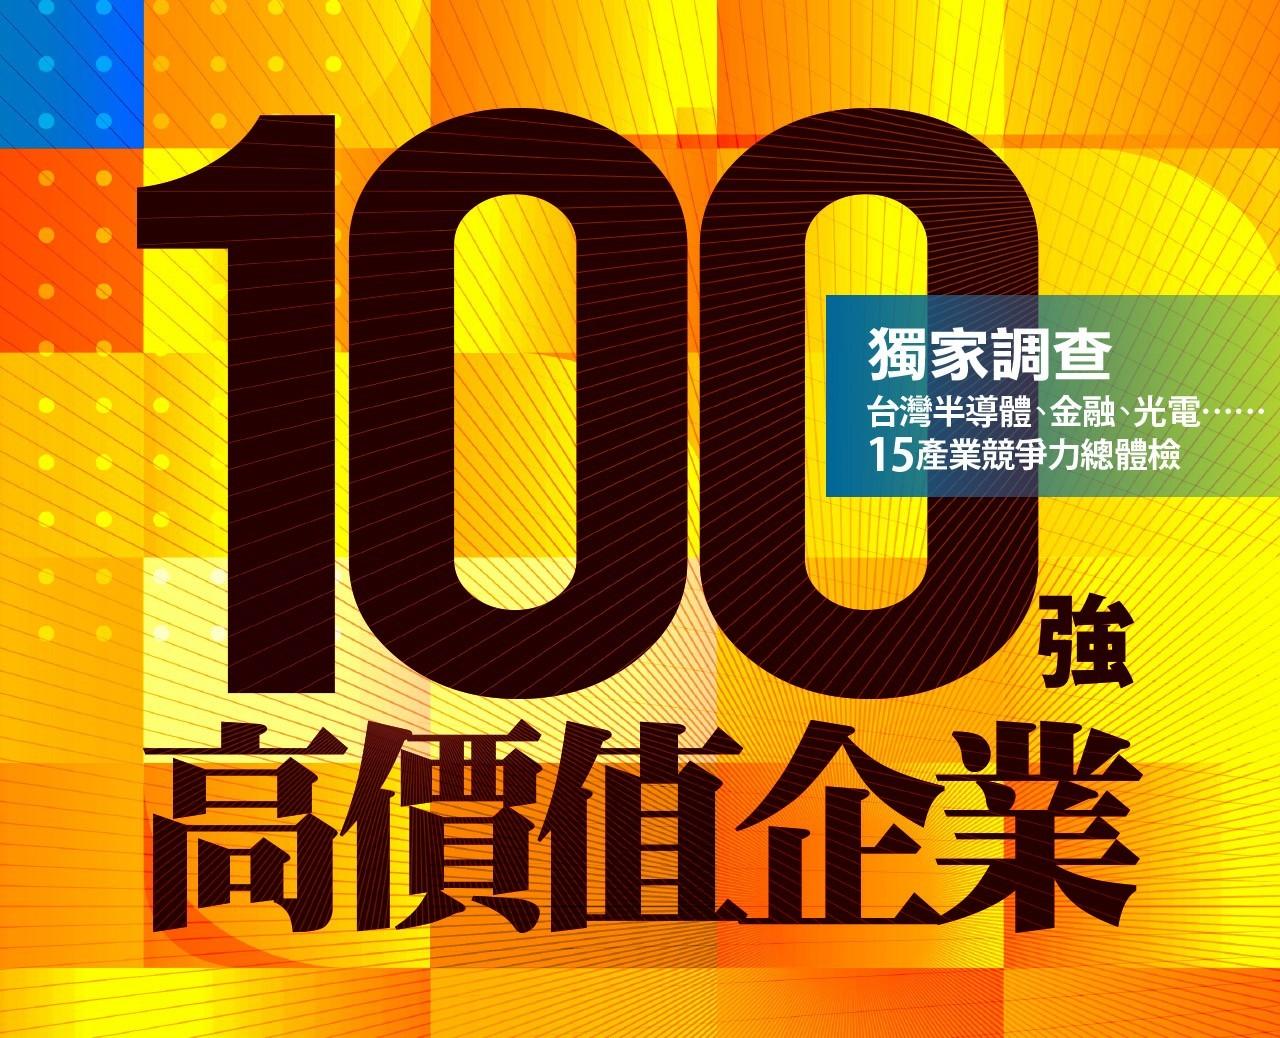 台灣「高價值企業100強」獨家調查,TOP 10搶先曝光